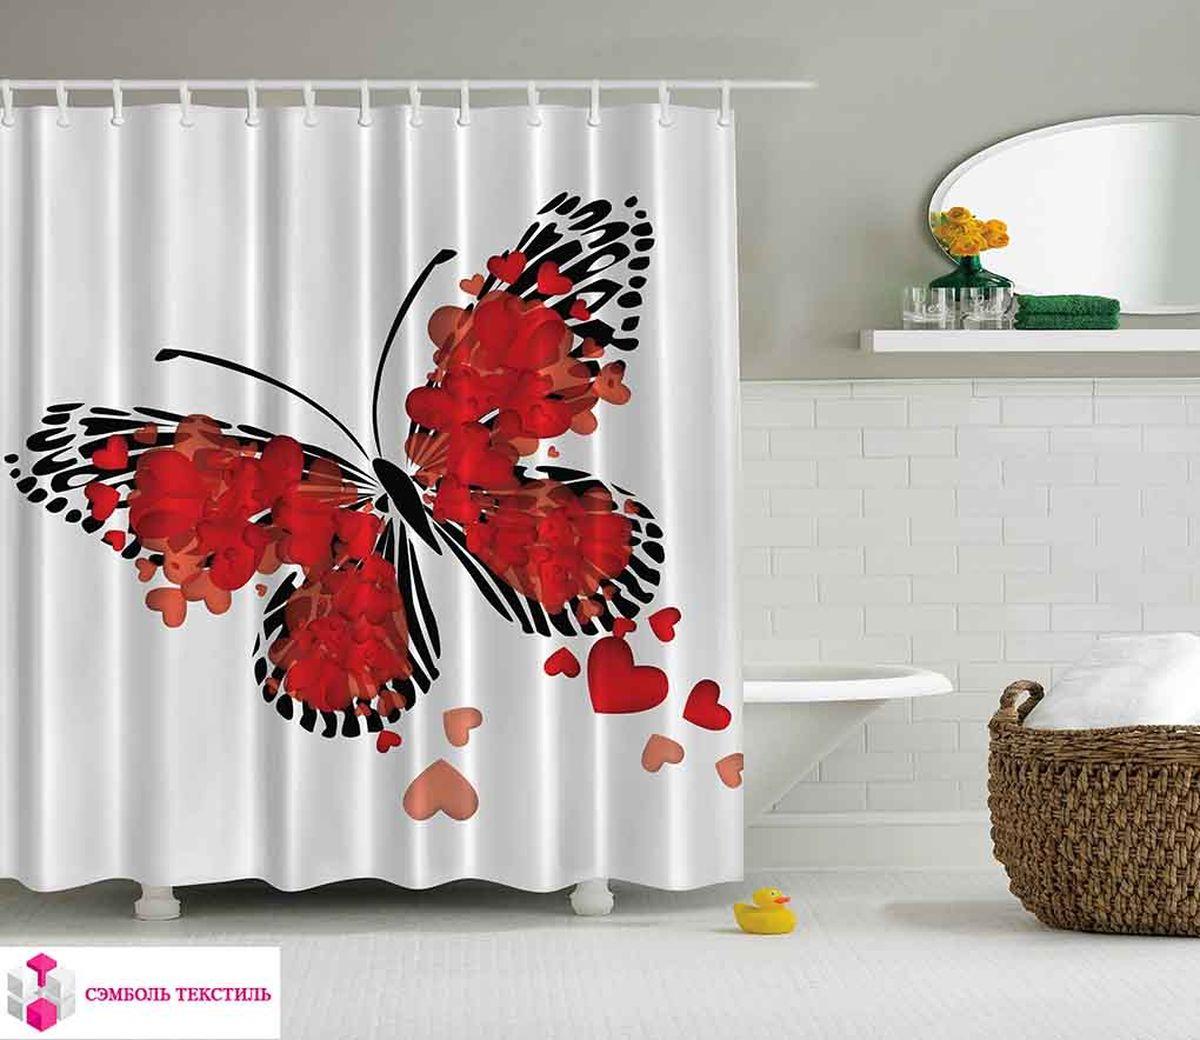 Штора для ванной комнаты Magic Lady Влюбленная бабочка, 180 х 200 смшв_2689Штора Magic Lady Влюбленная бабочка, изготовленная из высококачественного сатена (полиэстер 100%), отлично дополнит любой интерьер ванной комнаты. При изготовлении используются специальные гипоаллергенные чернила для прямой печати по ткани, безопасные для человека.В комплекте: 1 штора, 12 крючков. Обращаем ваше внимание, фактический цвет изделия может незначительно отличаться от представленного на фото.